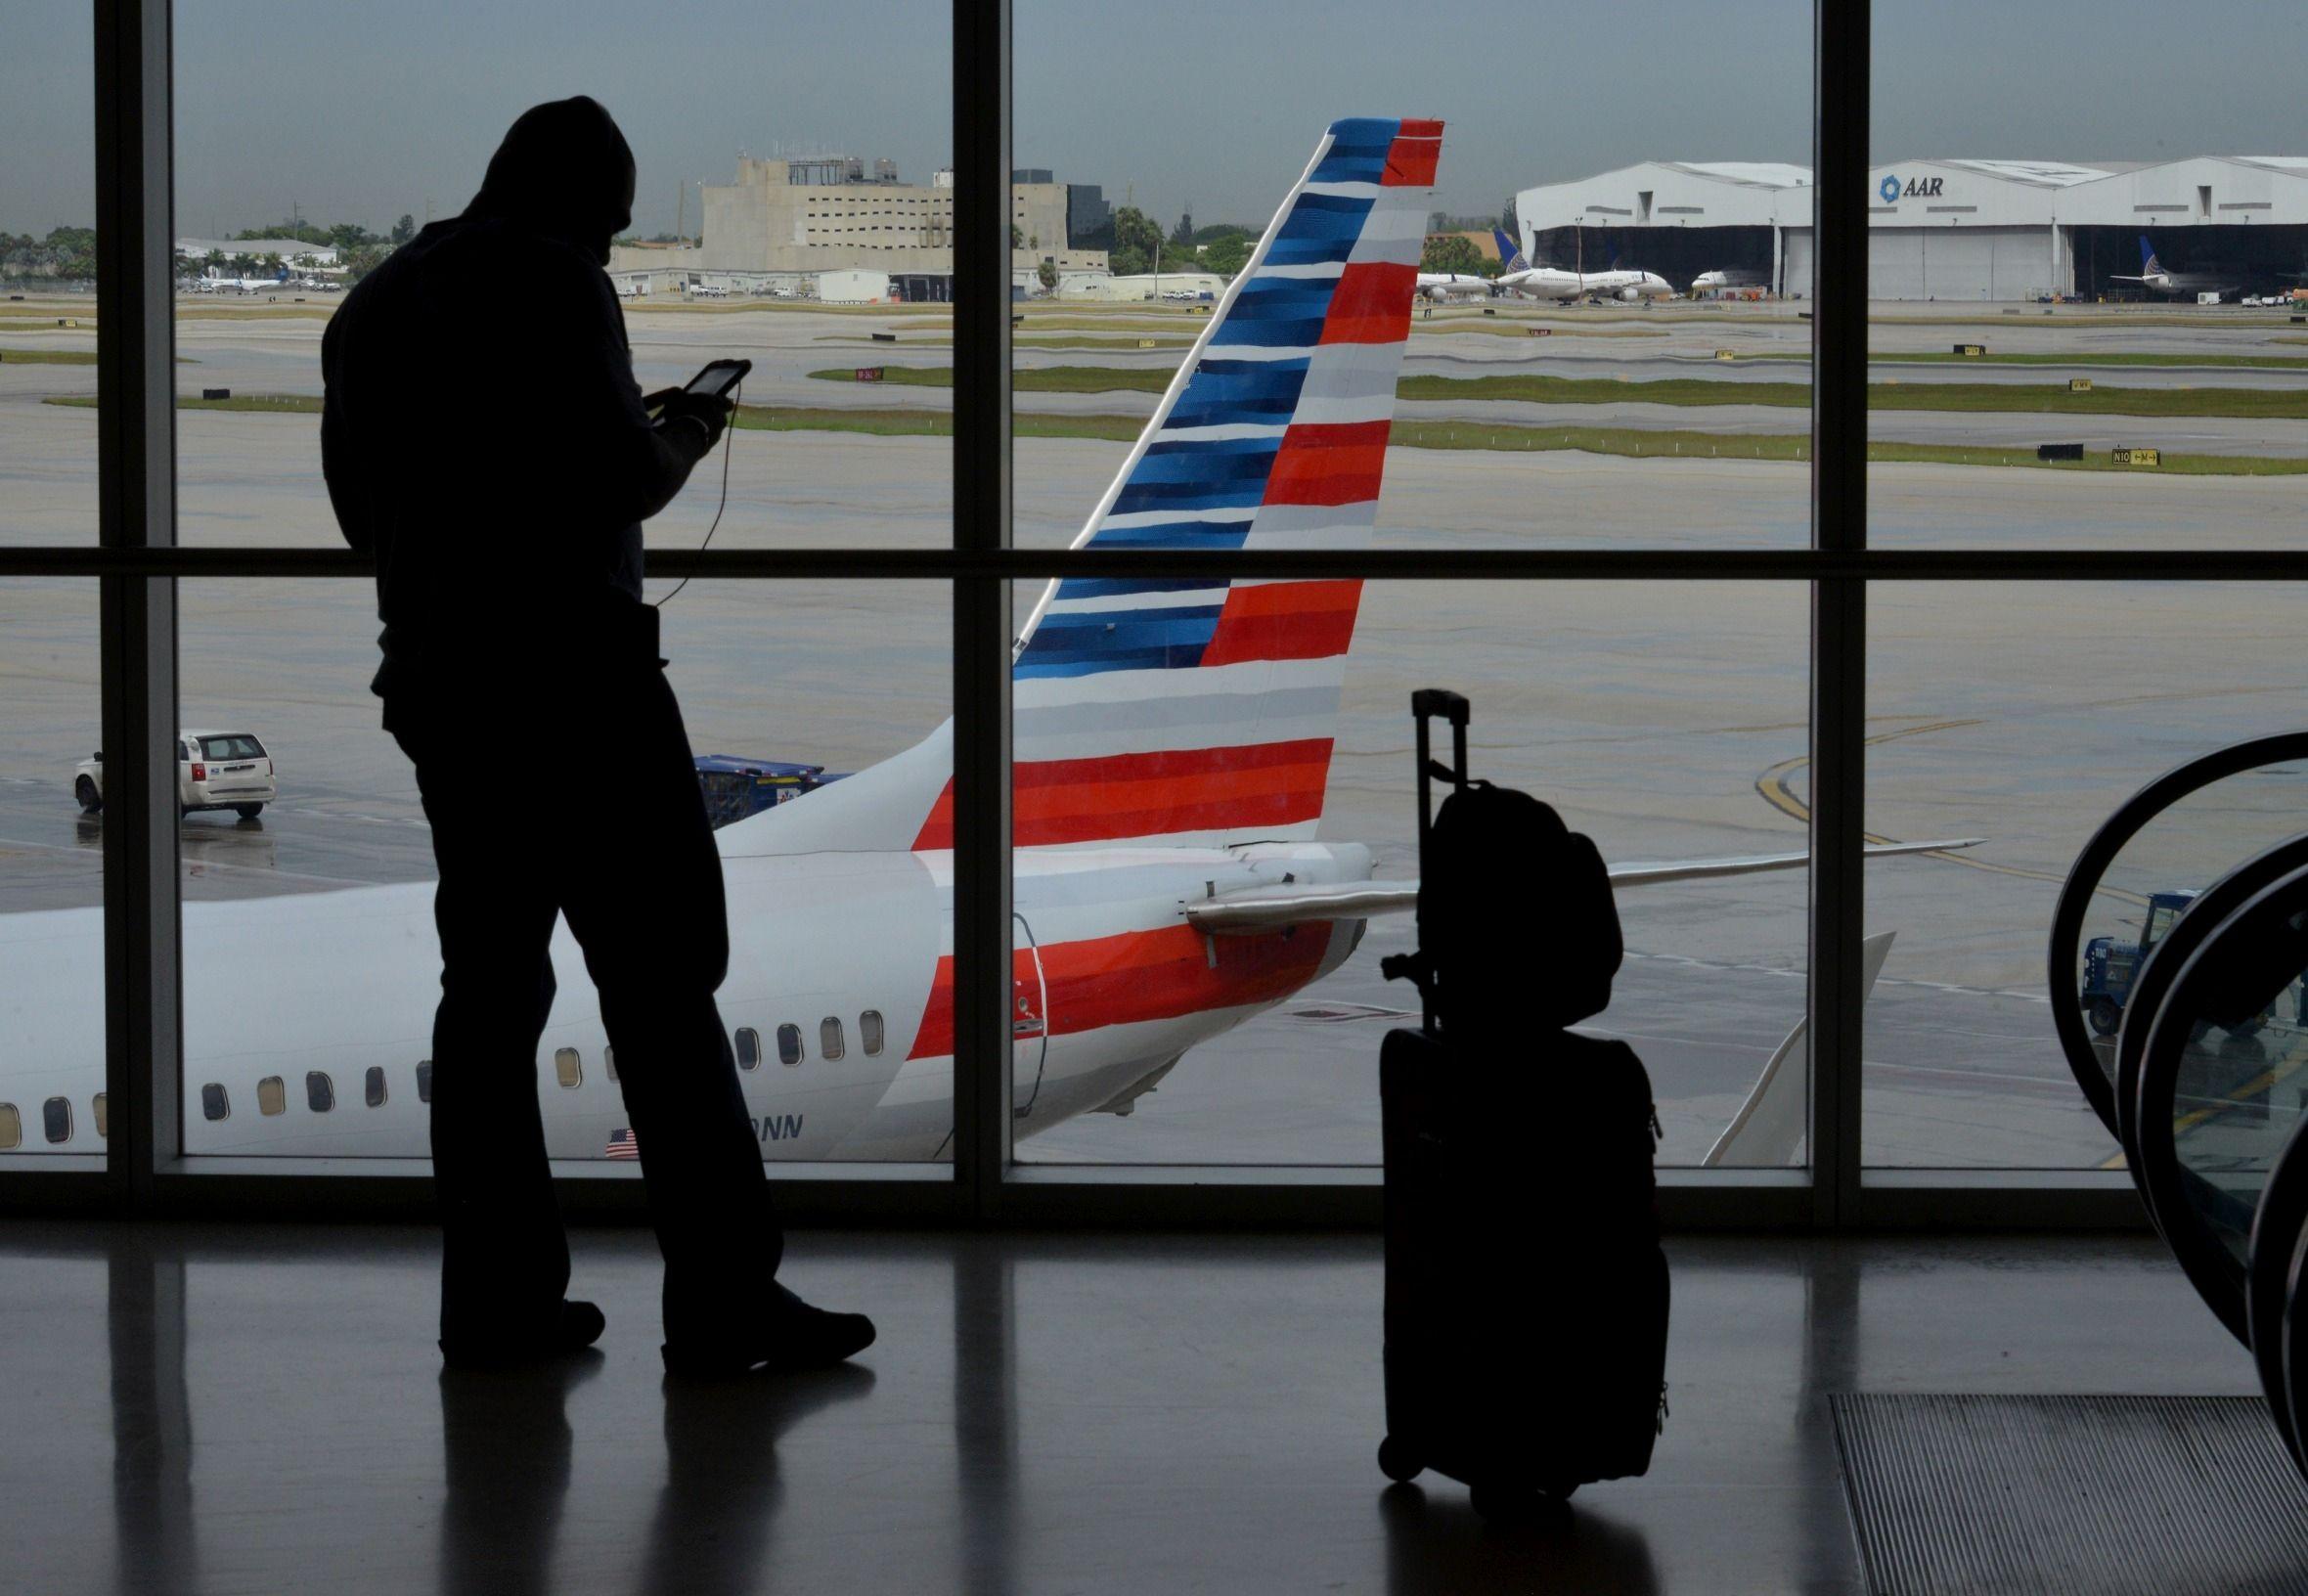 美航欲通过训练与贷款项目解决飞行员短缺问题